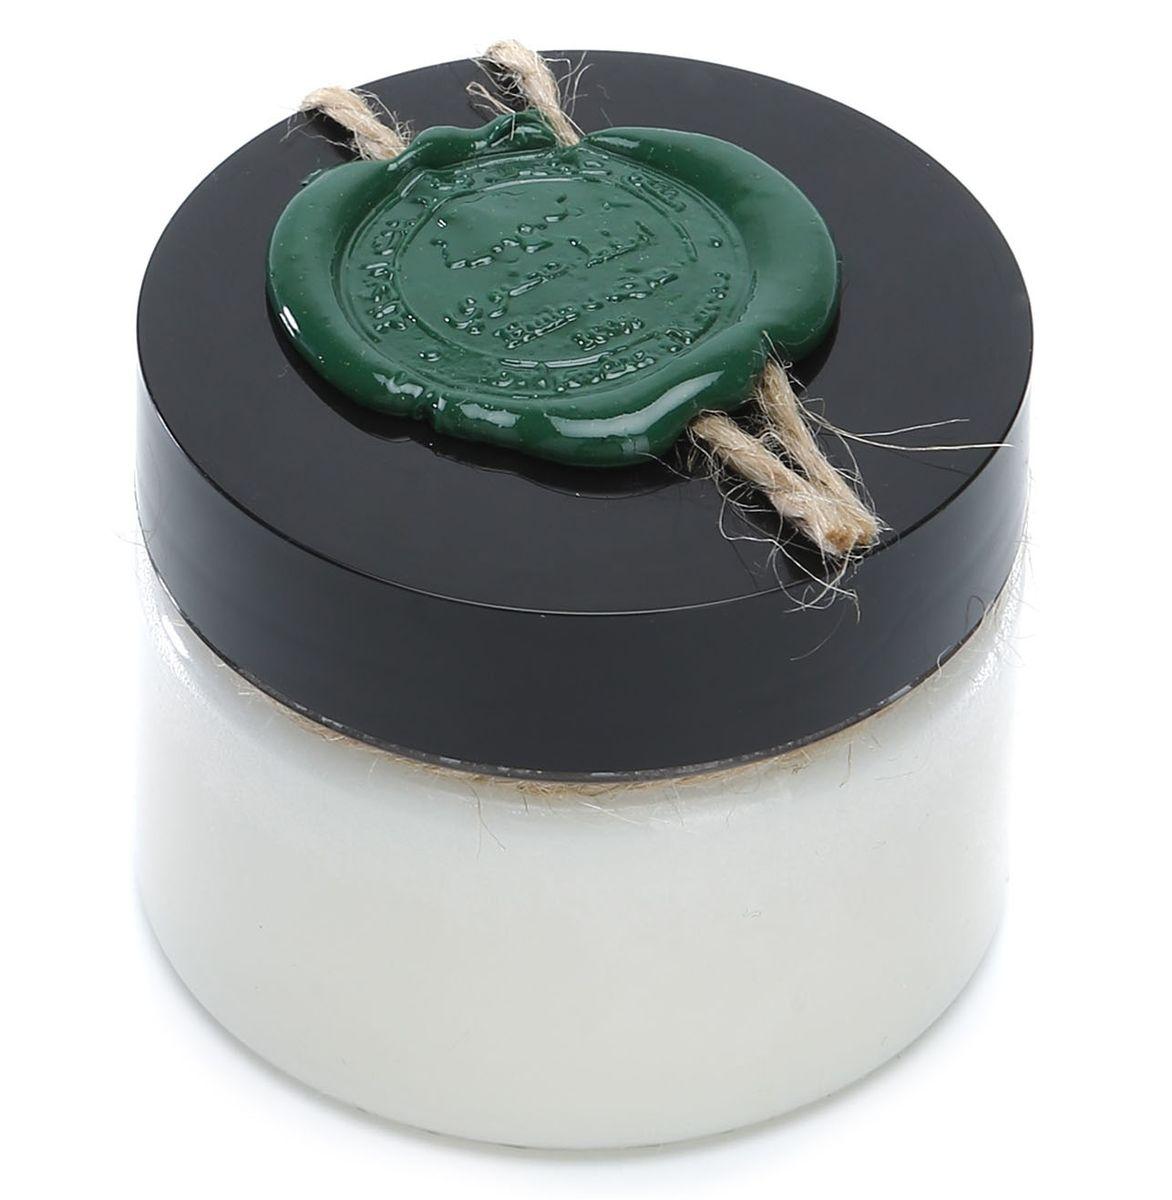 Huilargan Манго масло, 100% органическое, 100 гFS-00897Масло манго широко используется в медицине и косметологии. Оно обладает выраженными анти воспалительными, восстанавливающими, увлажняющими, питательными и солнцезащитными свойствами.Манговое масло получают из семян тропического растения мангиферы, которое чаще называют просто «манго». Это твердое растительное масло – баттер, температура плавления которого составляет 40 градусов Цельсия. В составе мангового масла содержатся ненасыщенные жирные кислоты, ряд витаминов (А, Е, D, С, группы В) и микроэлементов (Fe, K, Ca, Mg), а также растительные стиролы, которые улучшают состояние клеточных мембран эпидермиса.Масло манго эффективно избавляет от вызванных усталостью мышечных болей, поэтому этим баттером можно обогащать состав различных массажных смесей.При нанесении на кожу масло манго восстанавливает ее естественный жировой барьер и помогает удерживать влагу. Особенно полезно наносить манговое масло на лицо и тело после посещения бассейна, сауны, бани и пляжа.Масло манго поможет быстро привести в порядок огрубевшую, обветренную, обмороженную и обожженную кожу, устранить зуд от укусов насекомых, улучшить цвет лица, избавиться от пигментных пятен и предотвратить растяжки. Им можно с успехом заменить крем после бритья: масло не только успокоит кожу, но и предотвратит появление раздражения.Оно уменьшает воспаление кожи и помогает в лечении ряда кожных заболеваний, таких как акне, дерматит, экзема и псориаз.Масло манго обладает естественными смягчающим свойствами, ранозаживляющей и регенерирующей активностью благодаря своей высокой антиокислительной способности (антиоксидантные свойства)Масло манго может применяться, как защитное средство от УФ лучей.Доказана эффективность масла манго для удаления морщин. У большинства людей, ежедневно использующих масло манго течение 4-6 недель, уменьшились признаки старения кожи, и наблюдалось исчезновение тонких линий и мелких морщин.За счет наличия дубильных веществ, масло манго обла